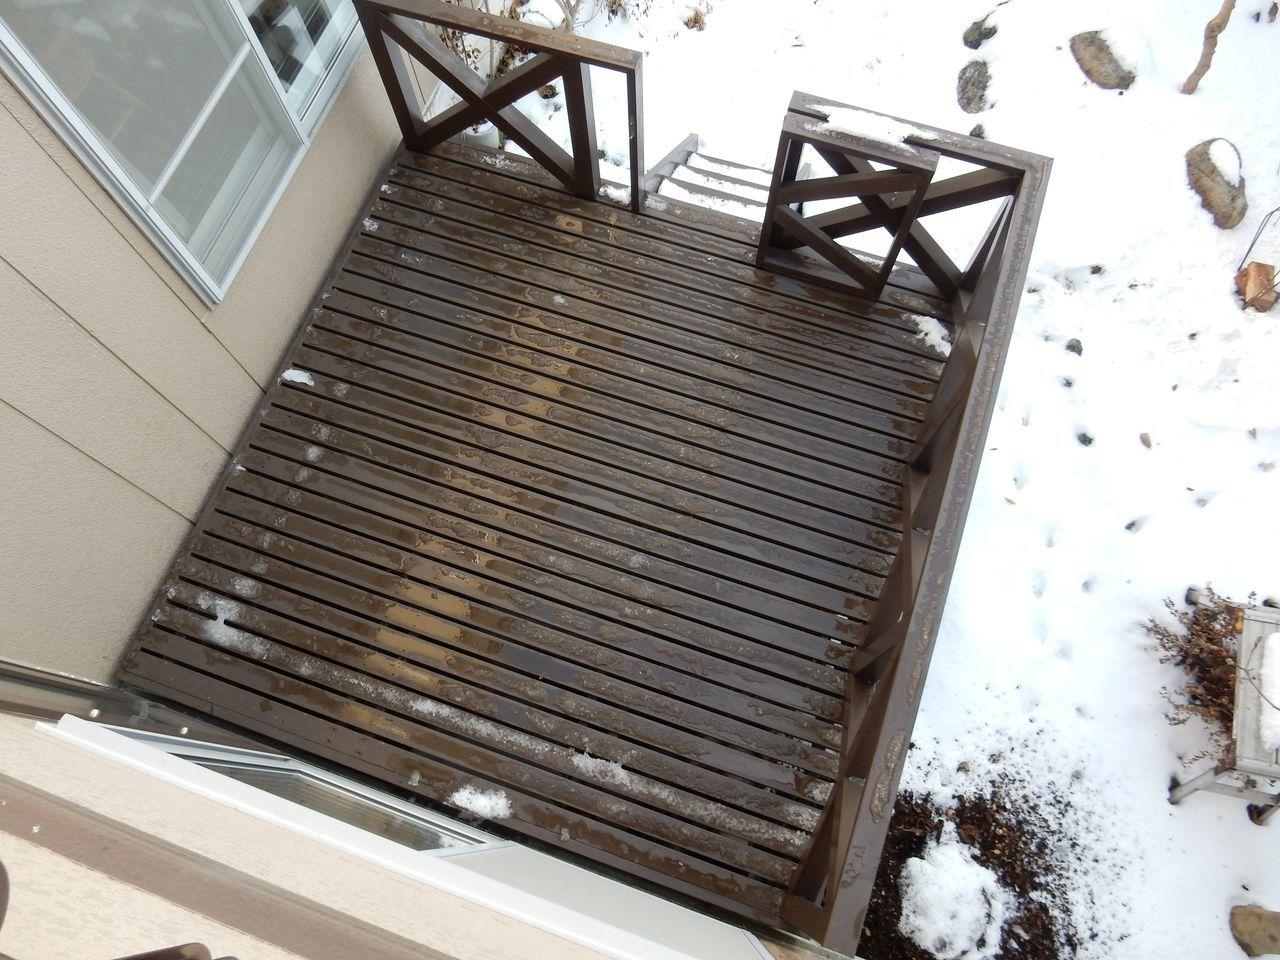 夜になっても気温は上がり積雪は2センチまで下がる_c0025115_22504706.jpg